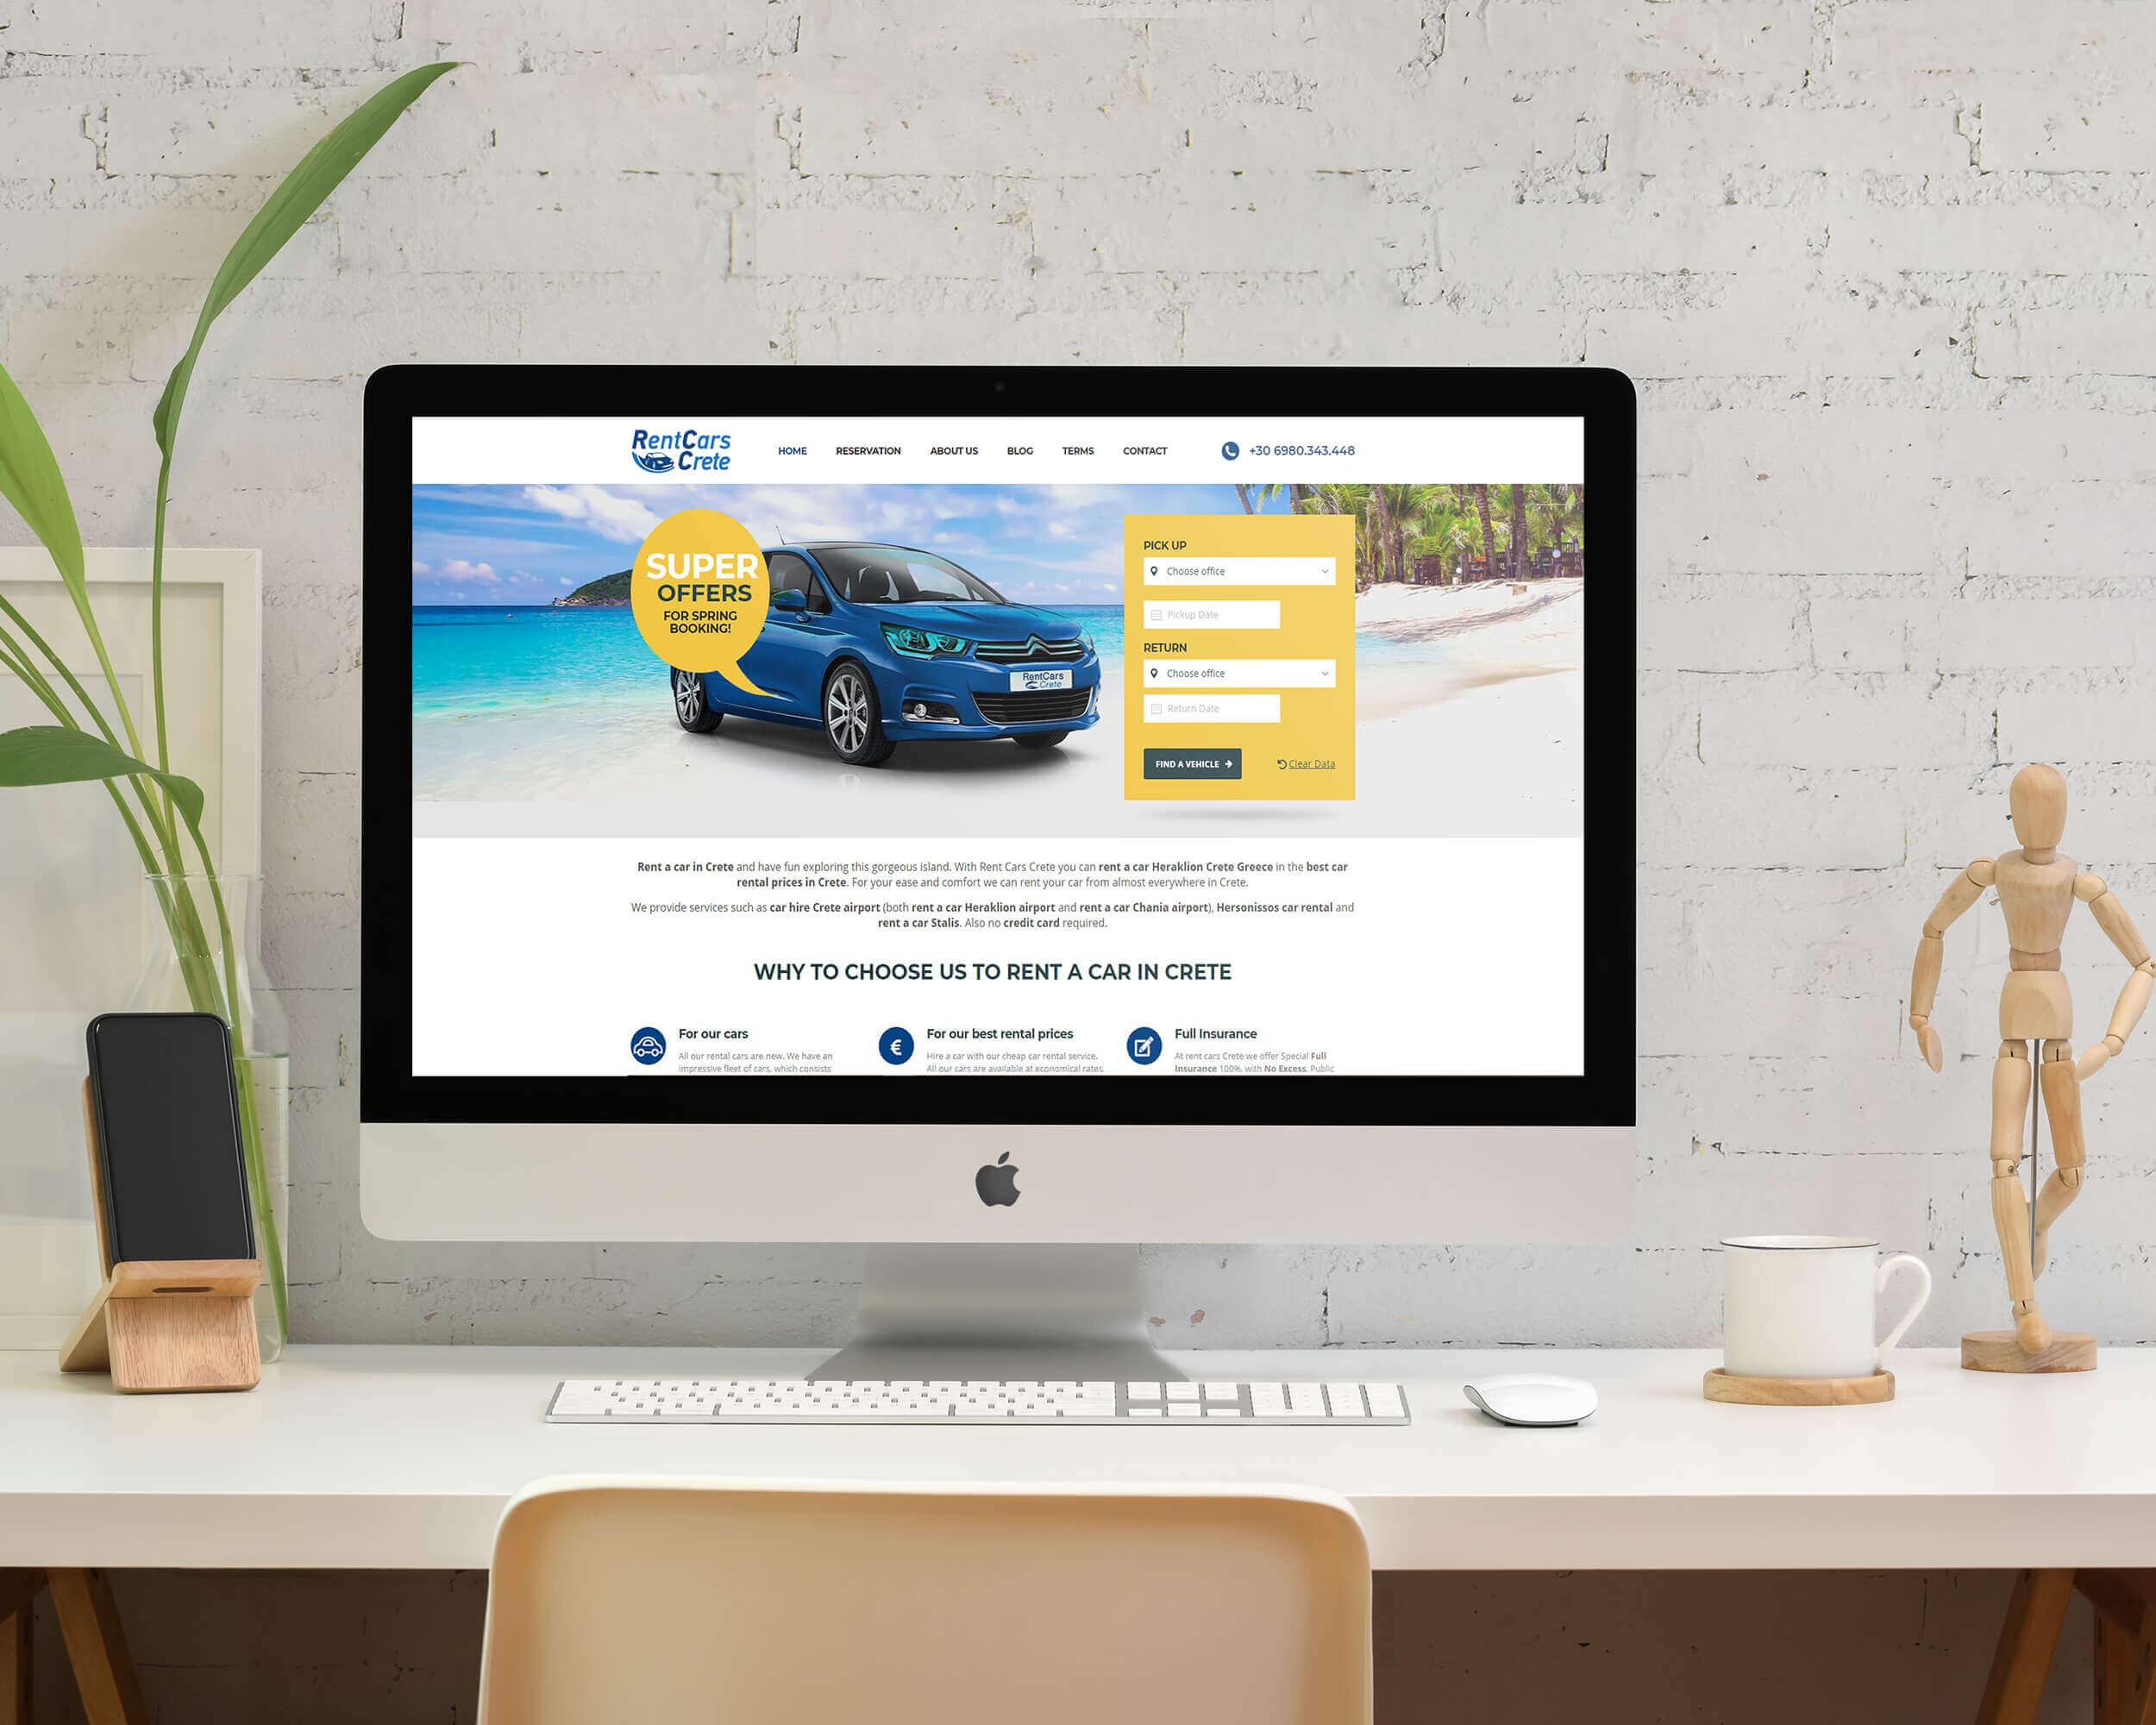 Κατασκευή ιστοσελίδας ενοικιαζόμενων αυτοκινήτων Rent Cars Crete